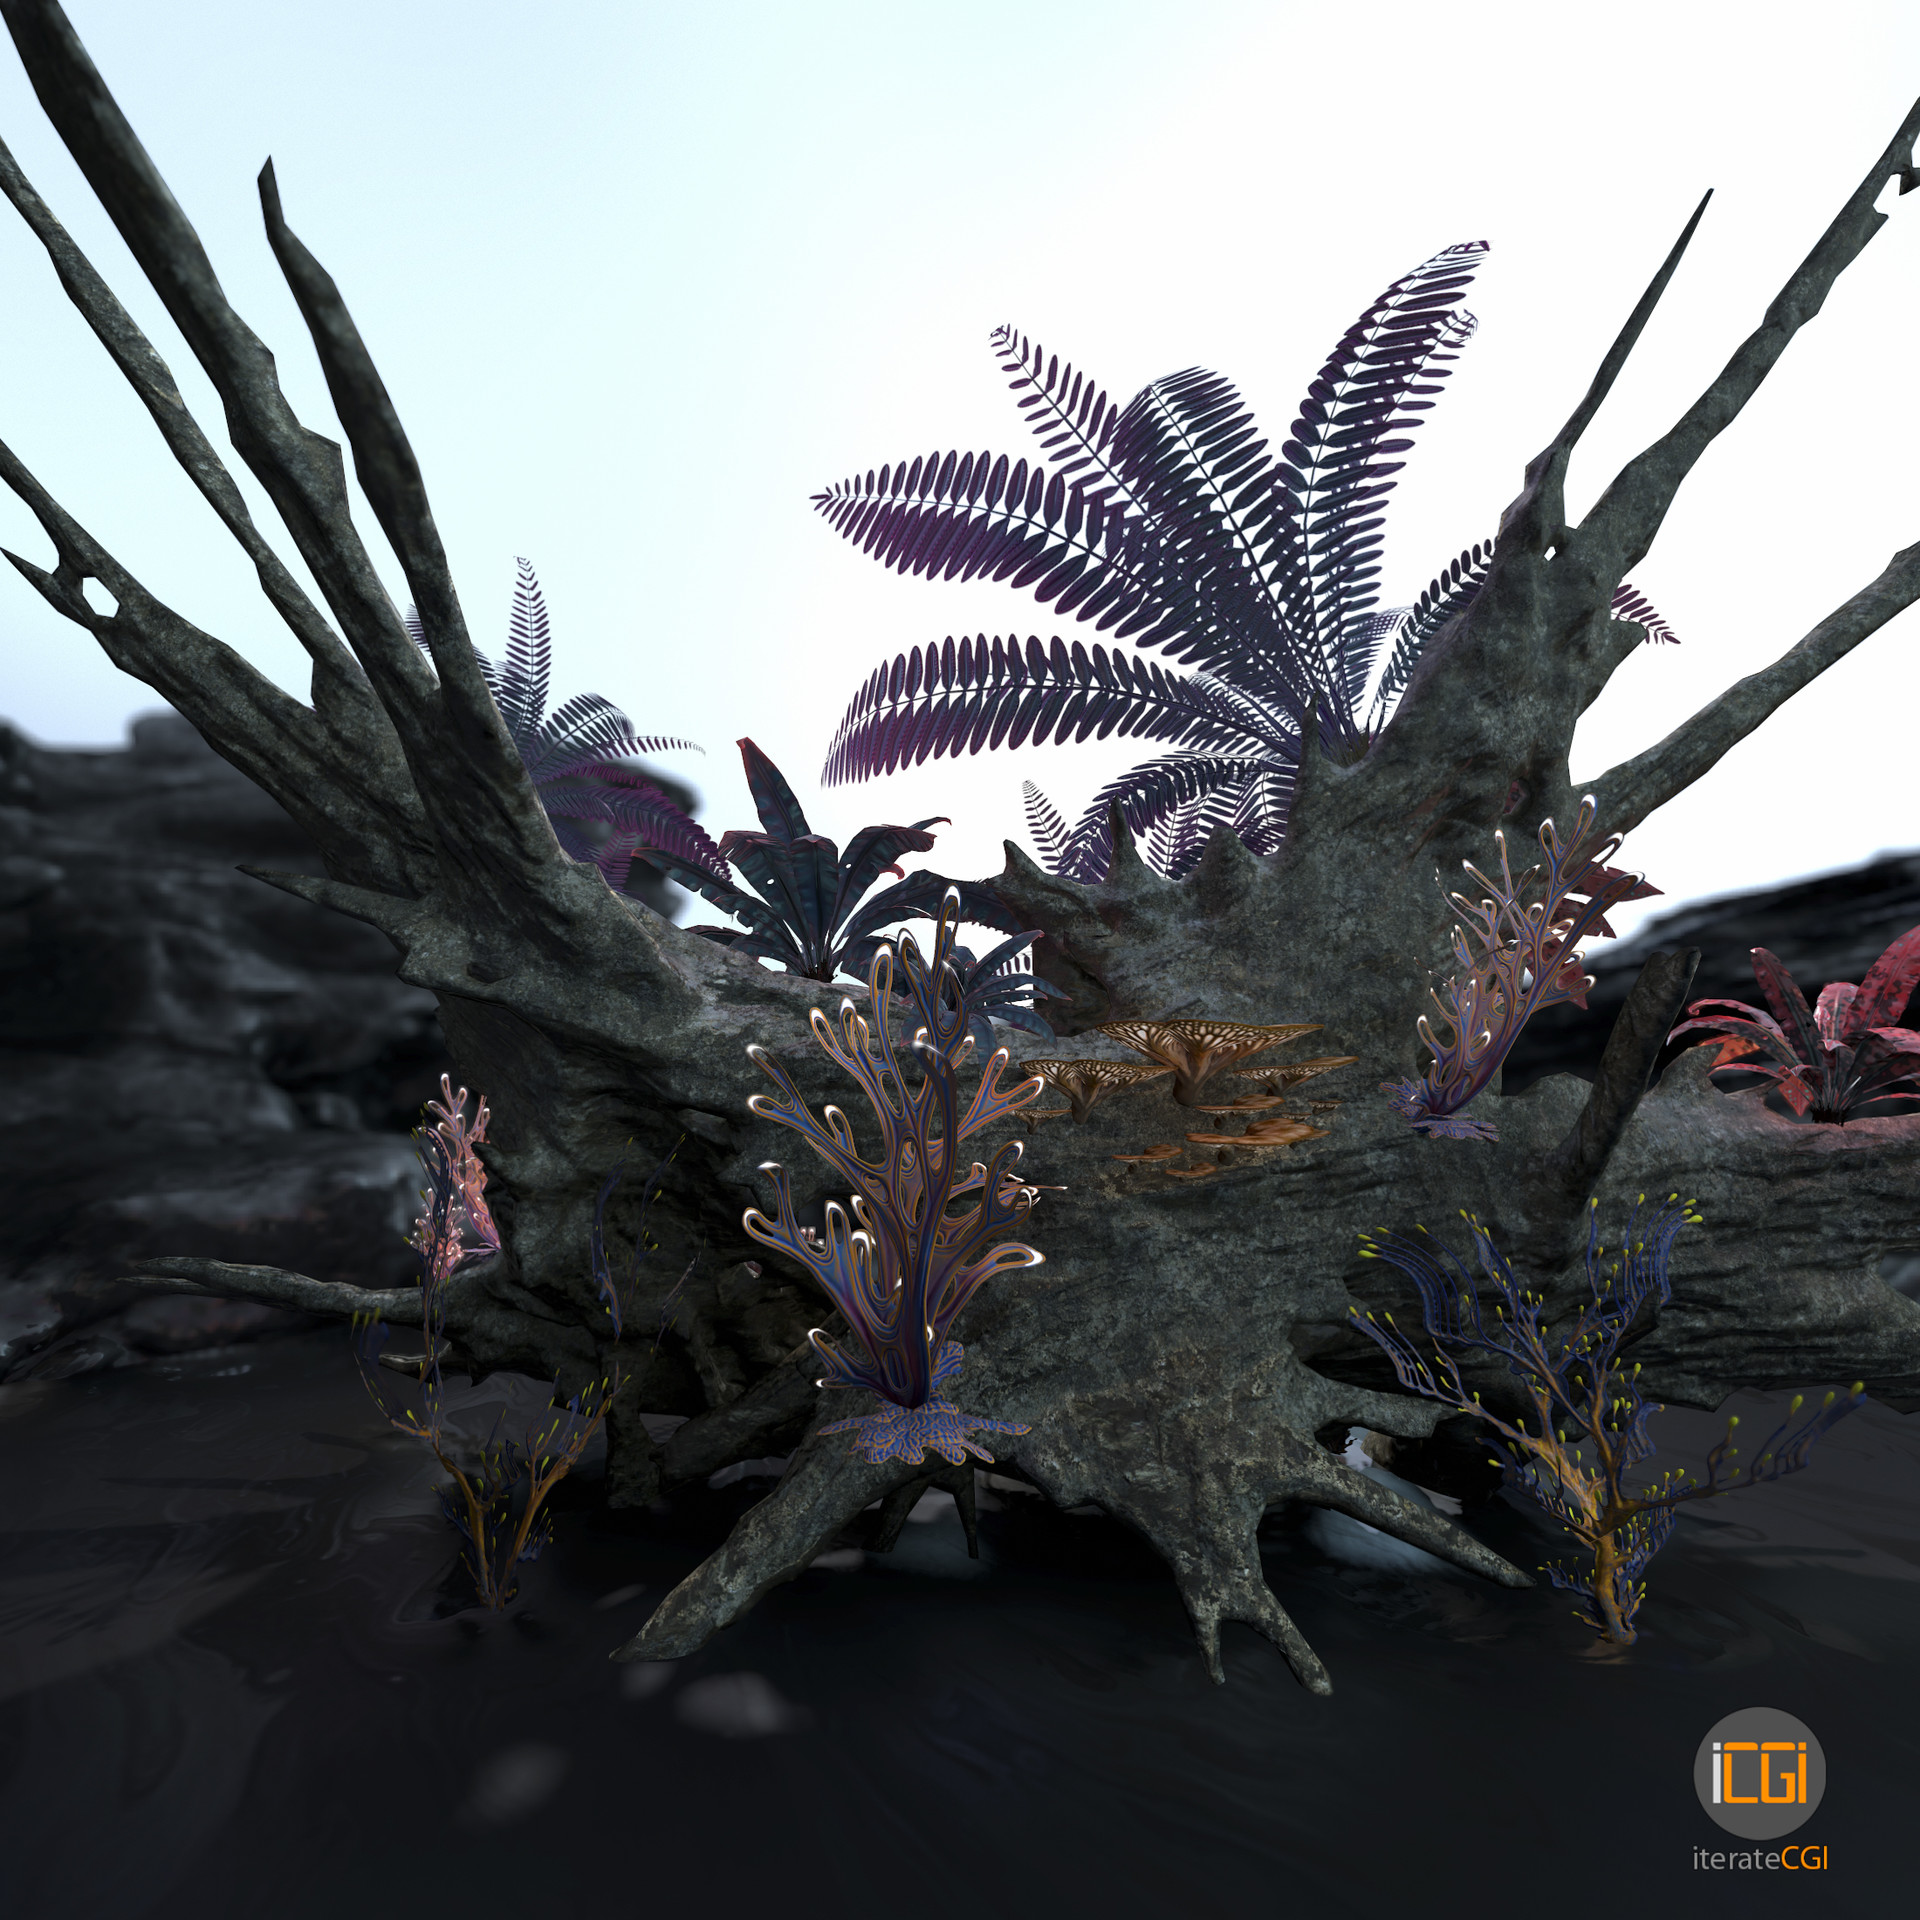 Johan de leenheer alien plant collection8